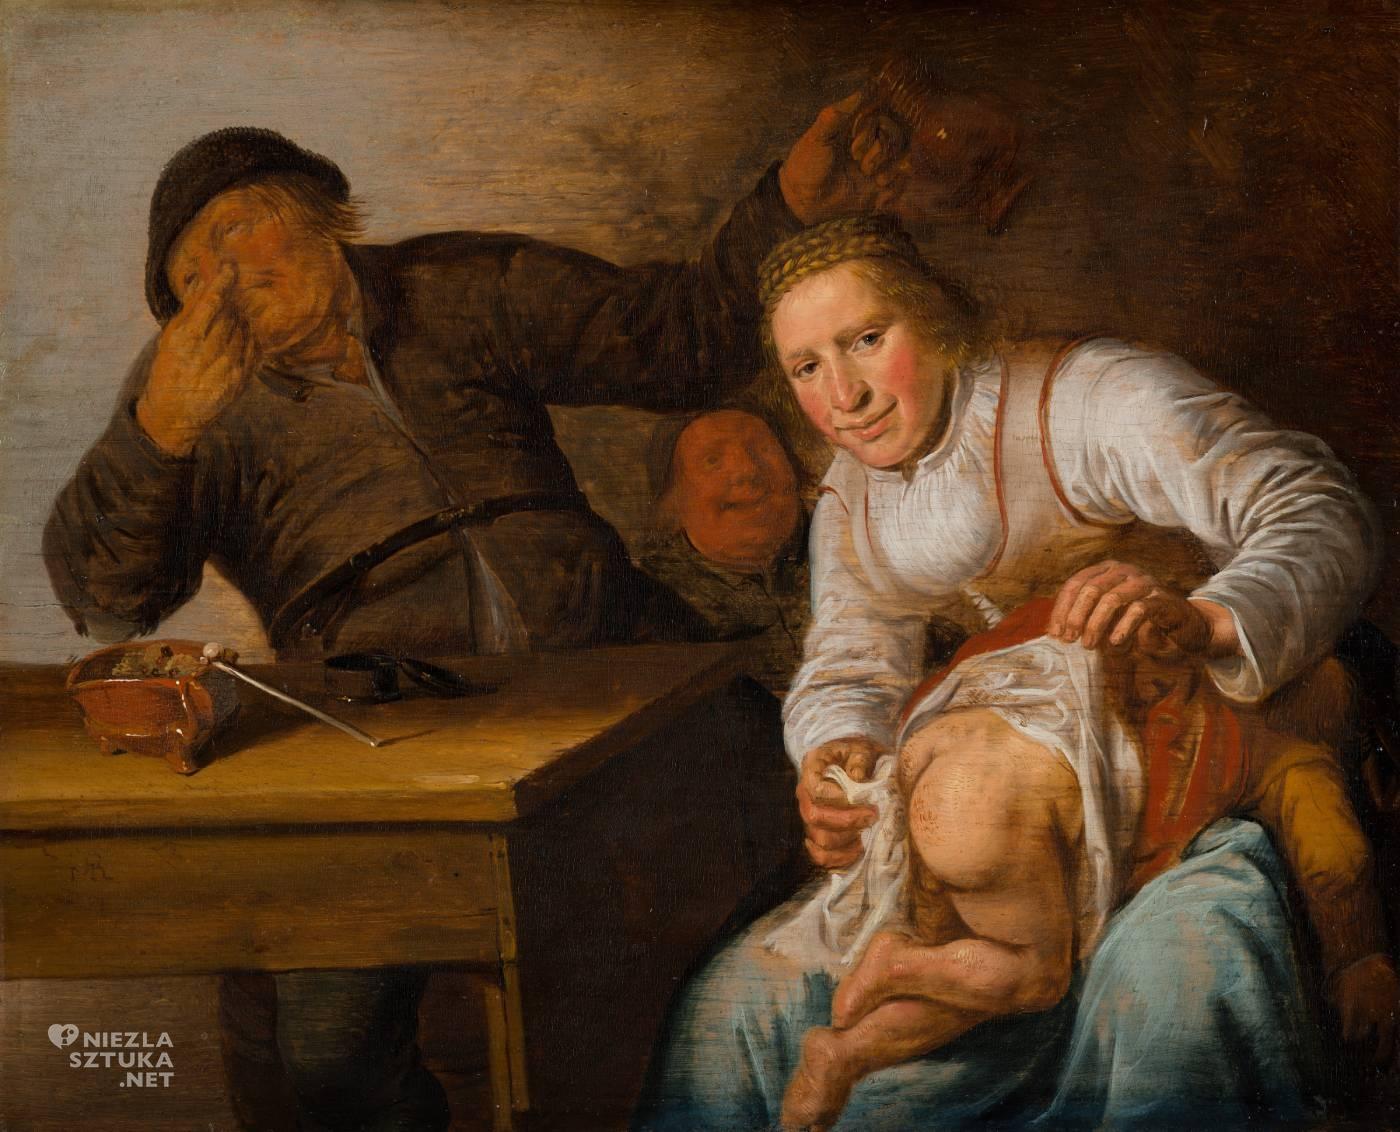 Jan Miense Molenaer, pięć zmysłów, zapach, sztuka niderlandzka, Niezła Sztuka